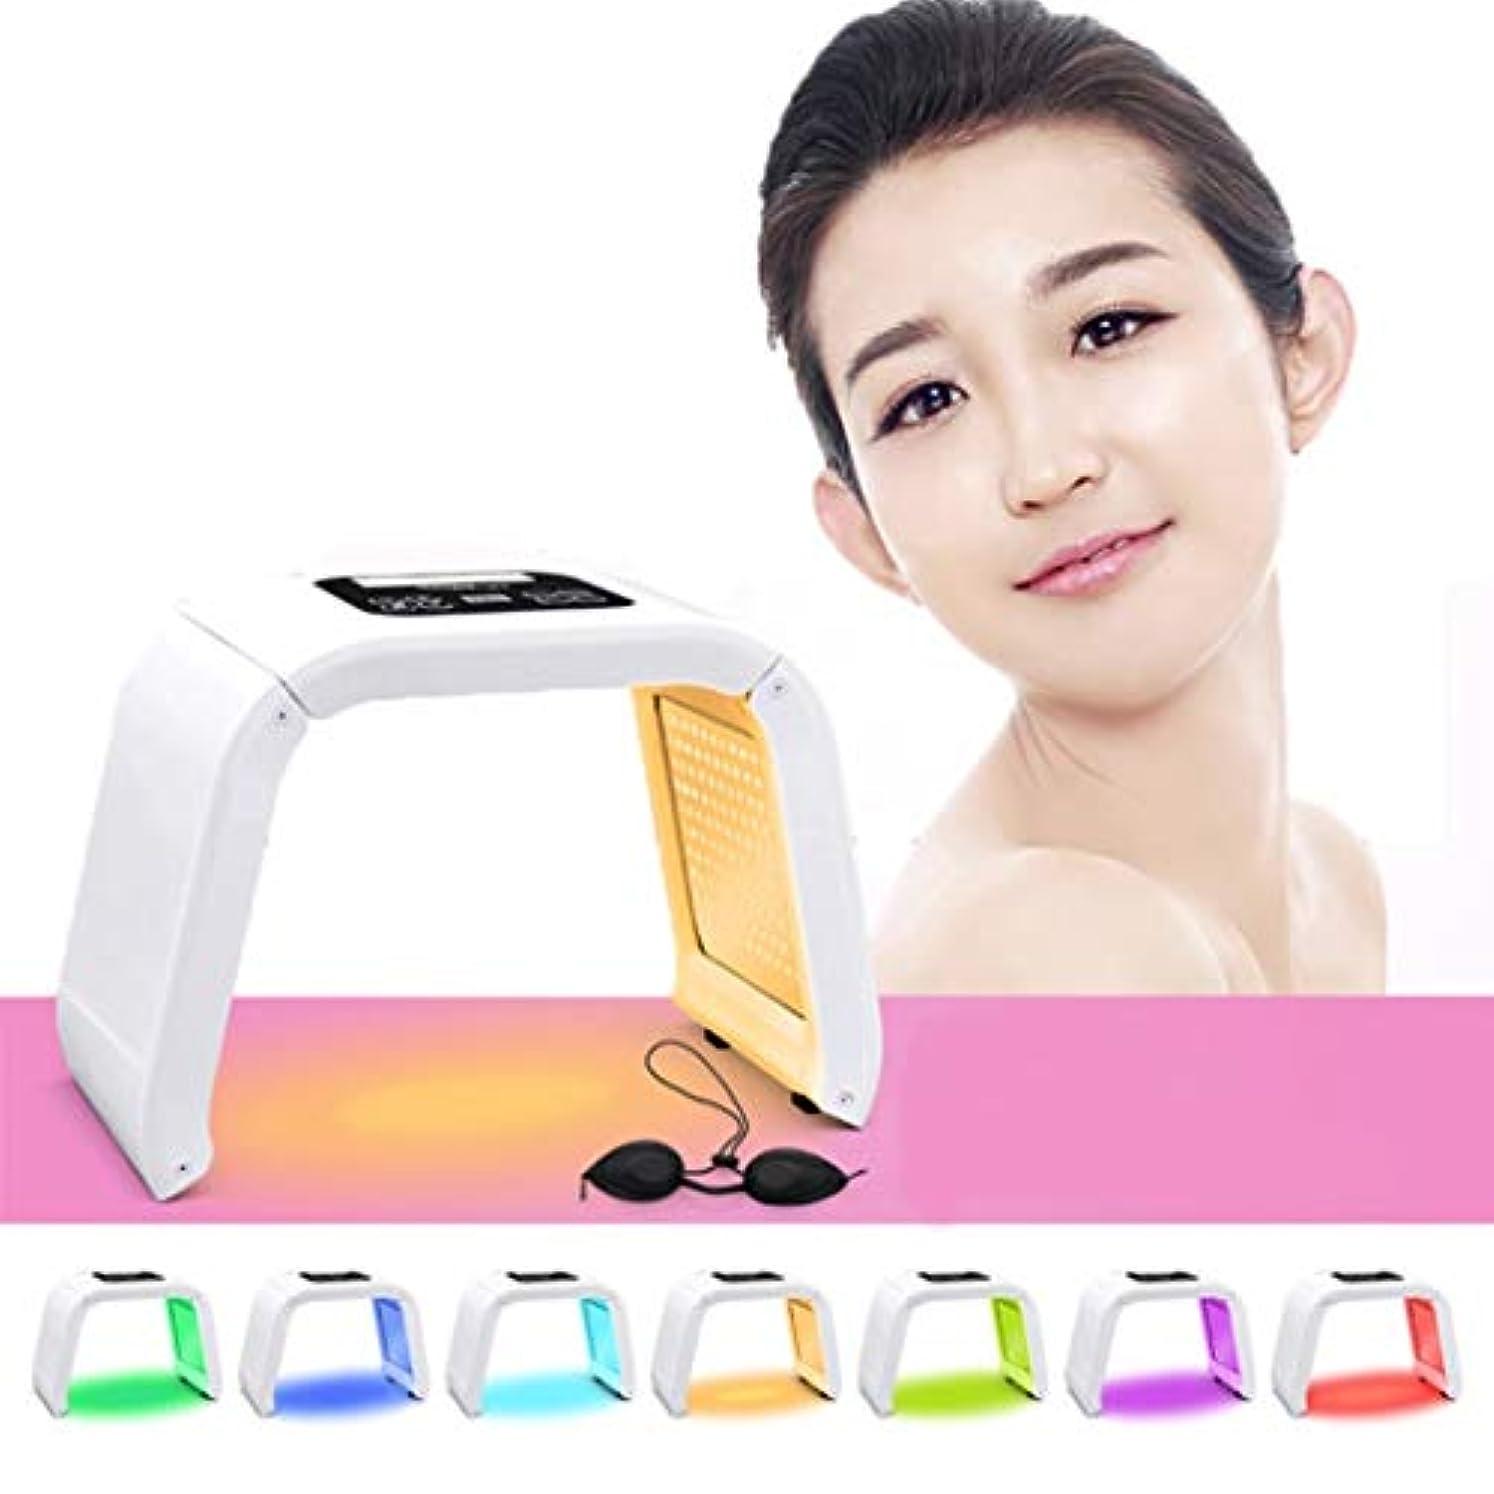 観察従順な欠点若返りLED機器を皮膚、7色のLEDライトポータブル光子PDTにきび治療しわ除去健康な肌の若返りコラーゲンのためのアンチエイジング